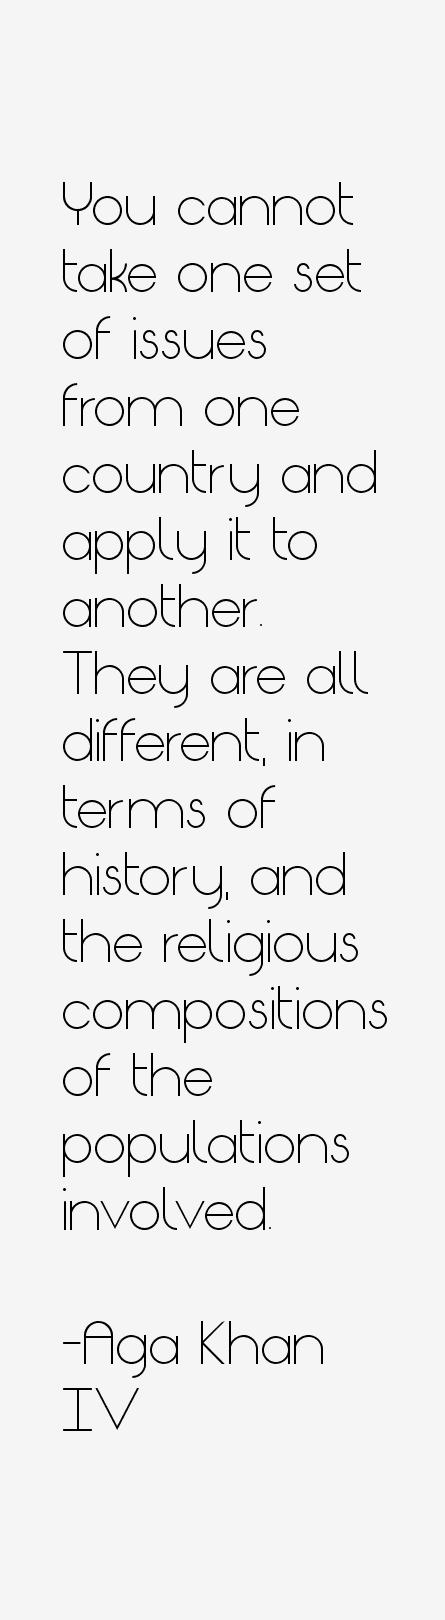 Aga Khan IV Quotes